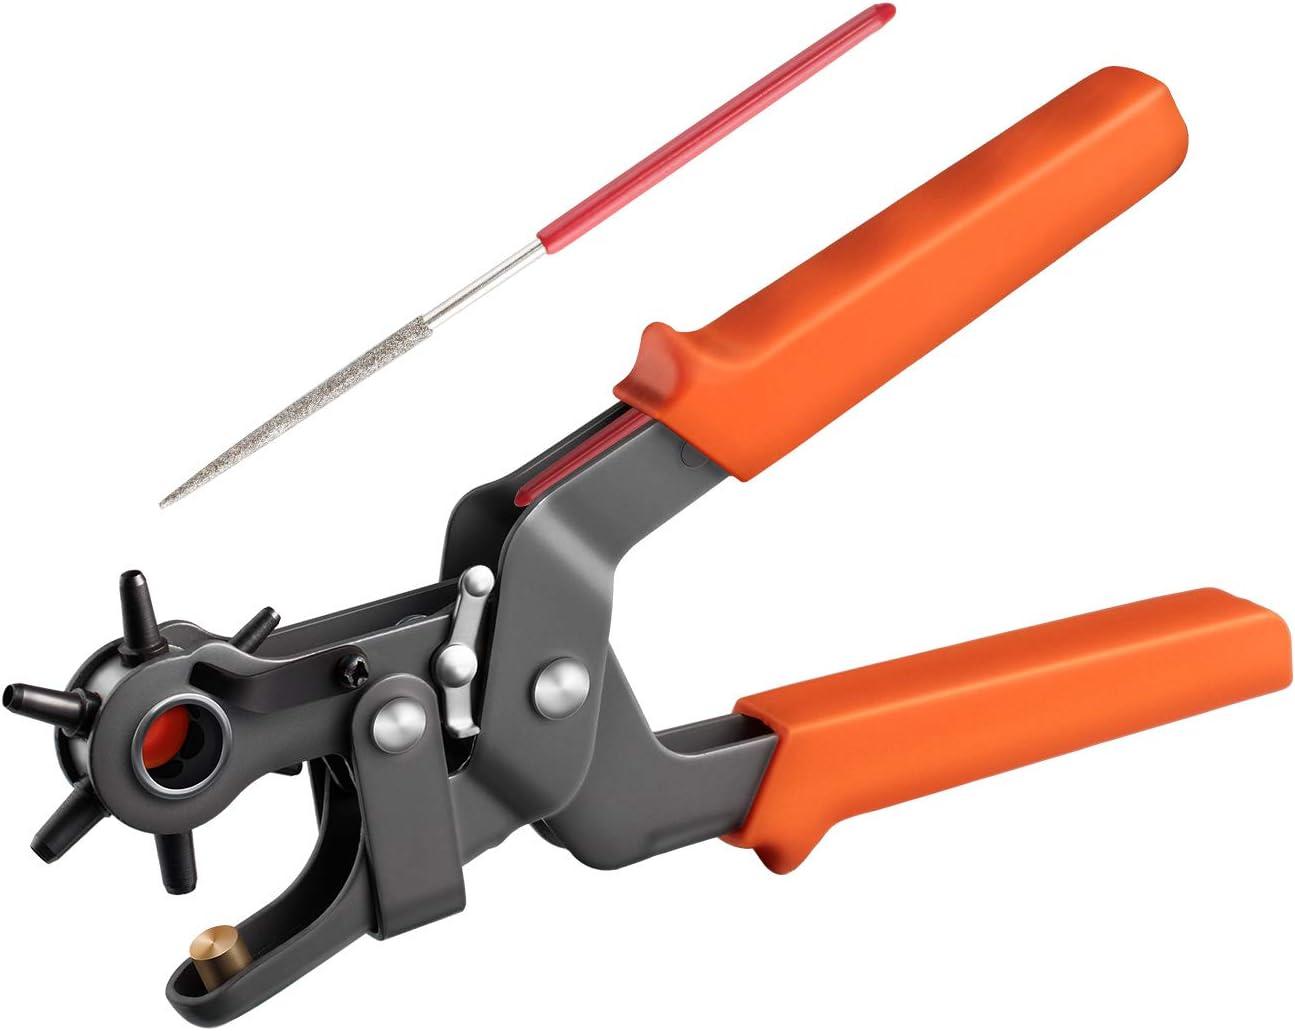 COSYLAND Finder Alicates Sacabocado Agujero Perforadora Puzones Alicates Sacabocado Agujerode 6 Tamaños 2/2.5/3 /3.5/4/ 4.5 mm para Cinturones y Cuero